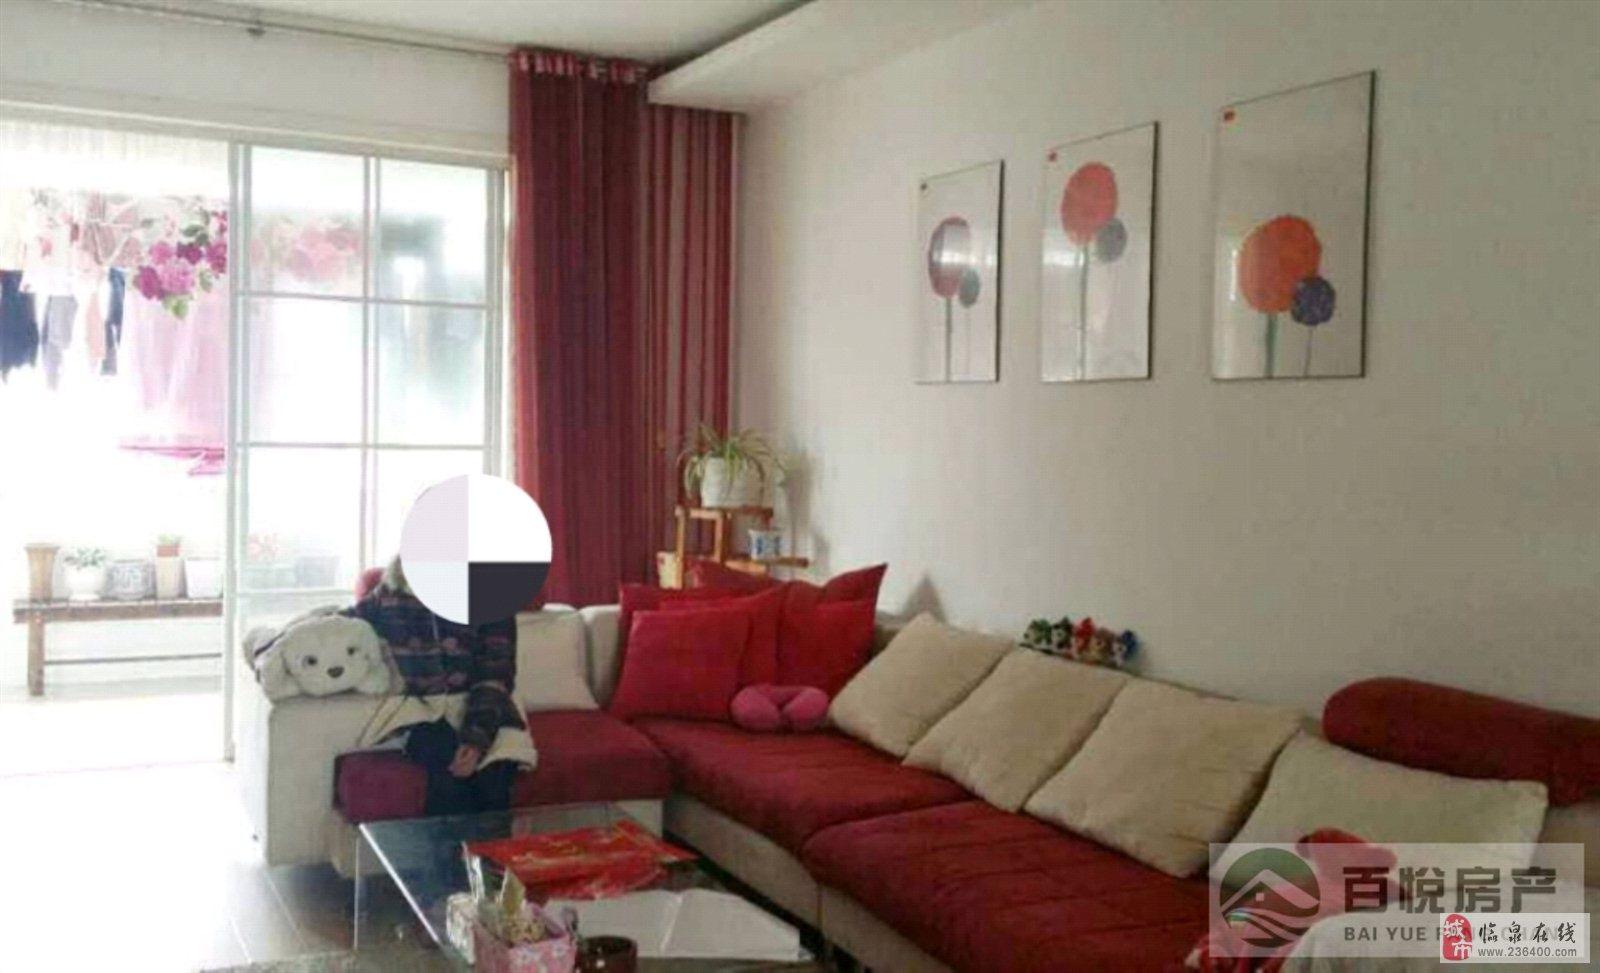 凯悦小区南北通透精装修大三房,低价出售,随时看房